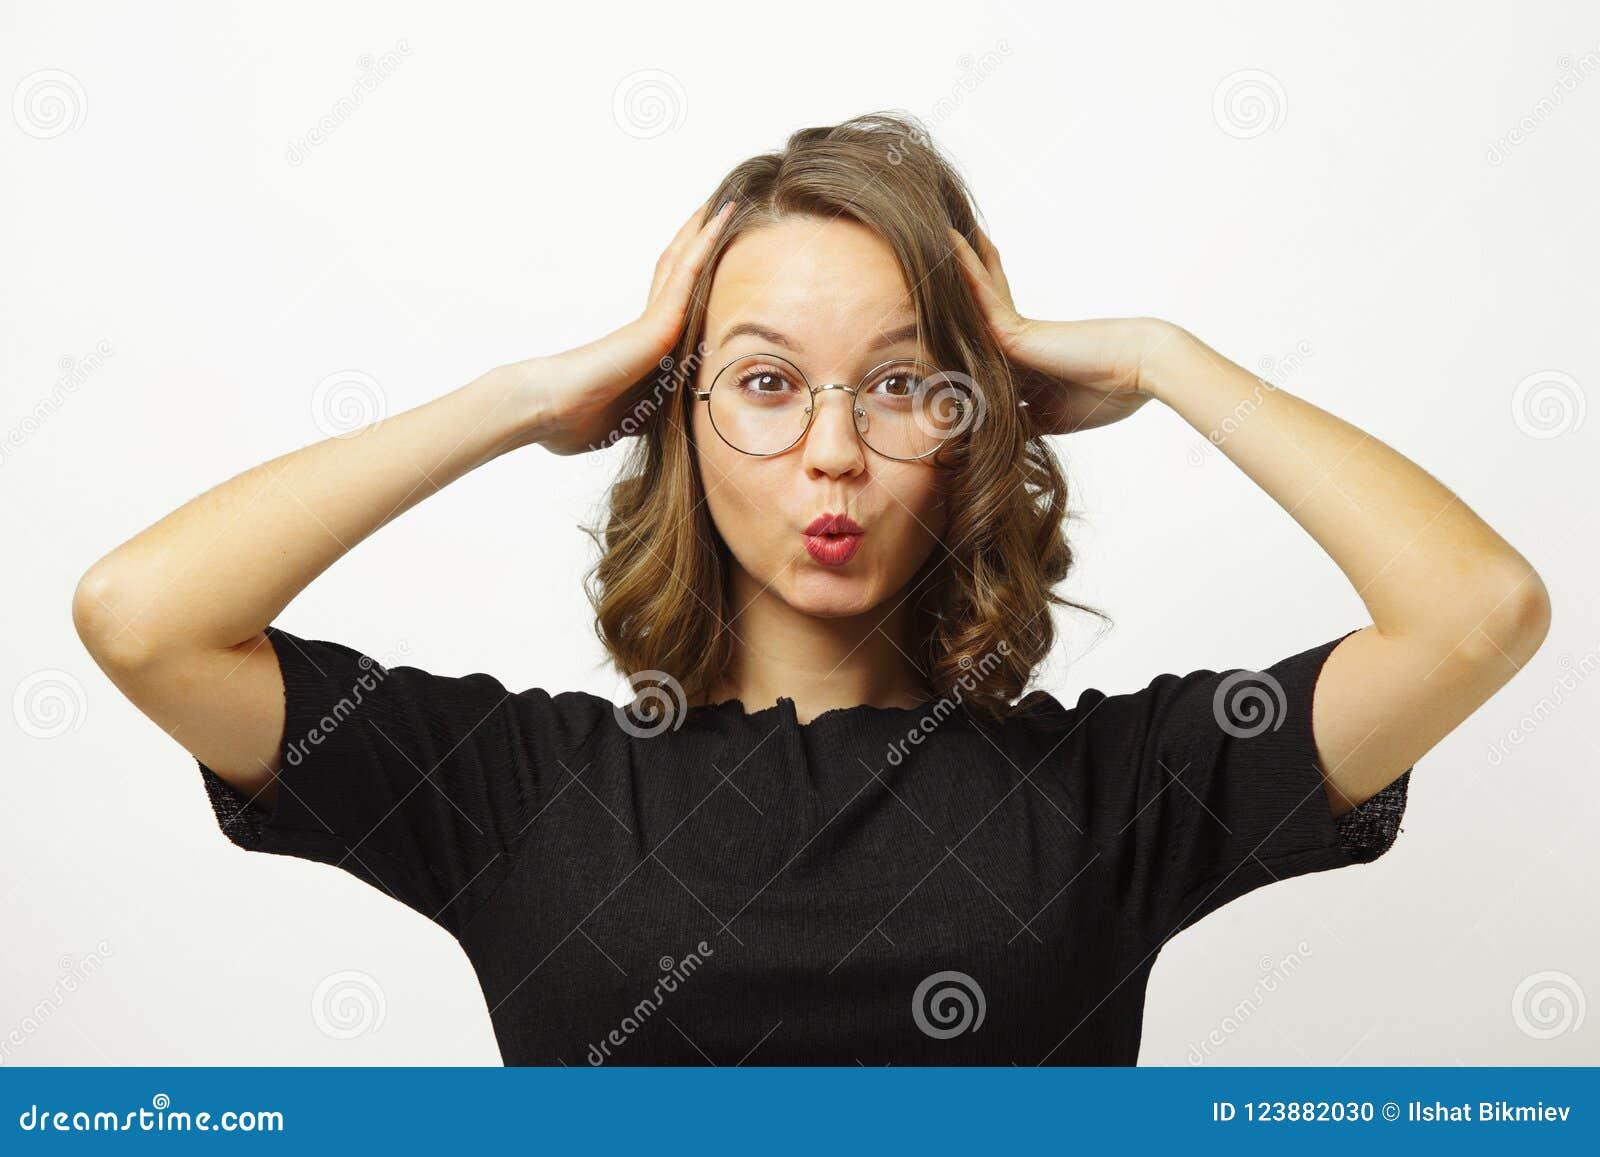 Η συναισθηματική γυναίκα στον κλονισμό βάζει τα χέρια της στο κεφάλι, τραβά τα χείλια με το σωλήνα, ευρέα ανοικτά μάτια, παρουσιά